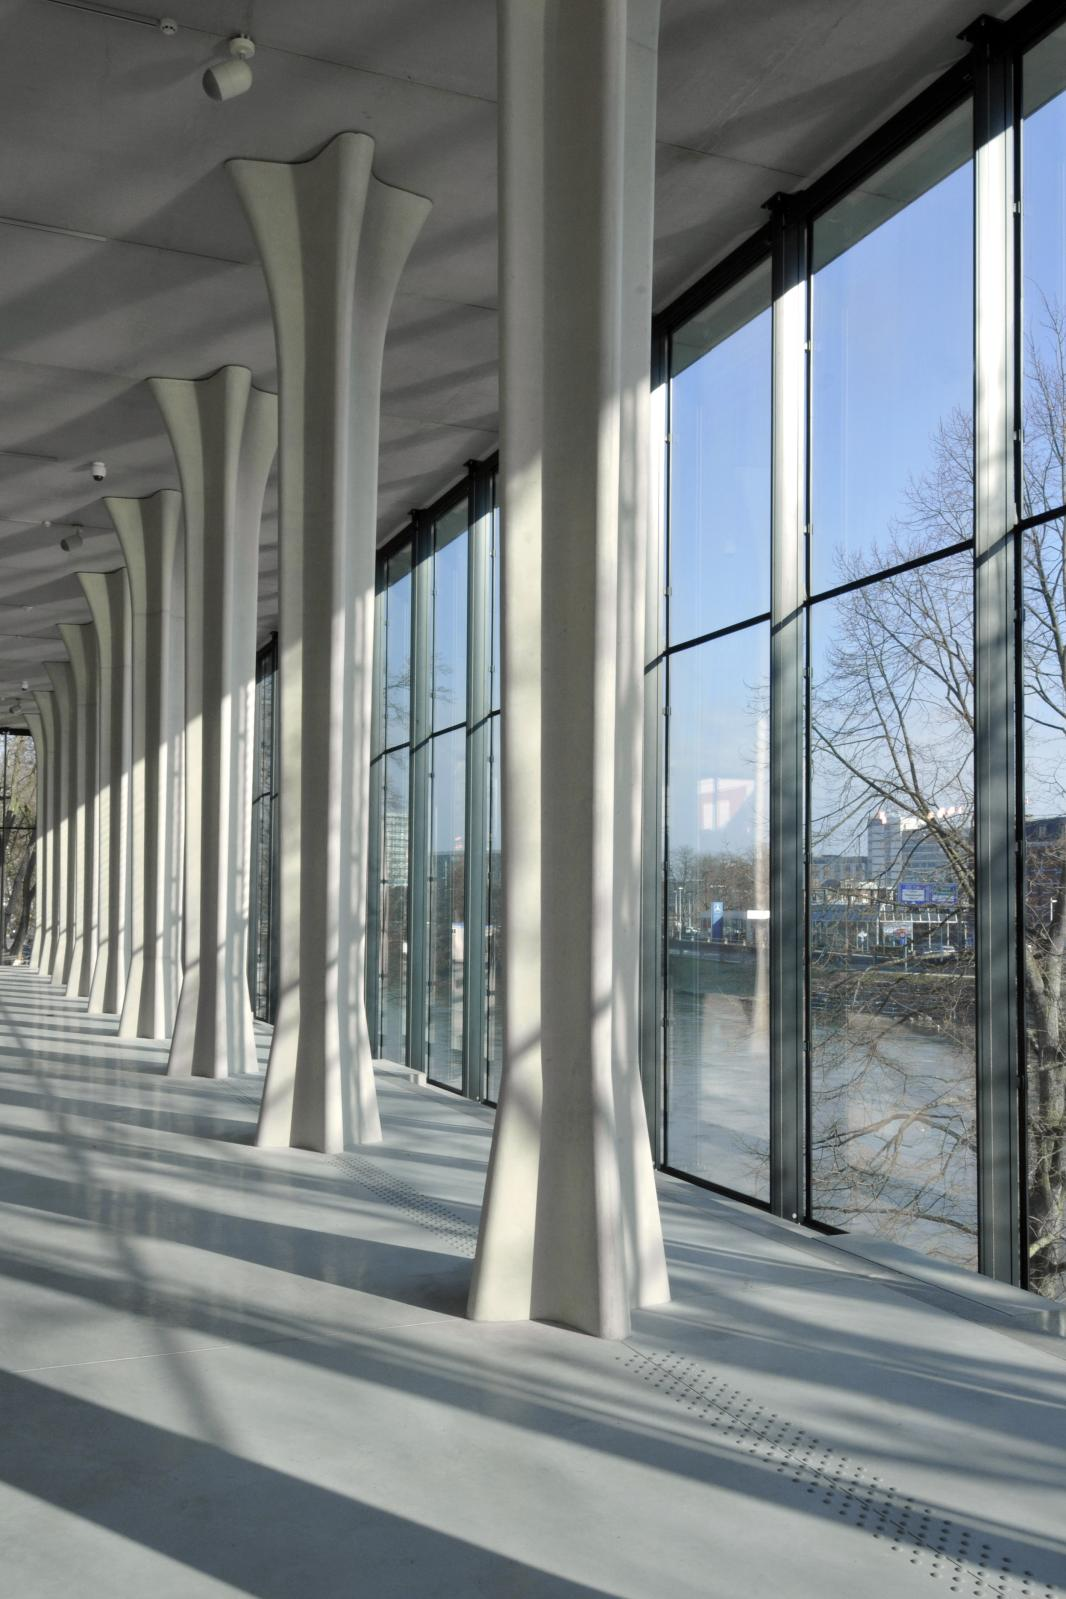 Vue intérieure extension Ricciotti, colonnade et vue fleuve.